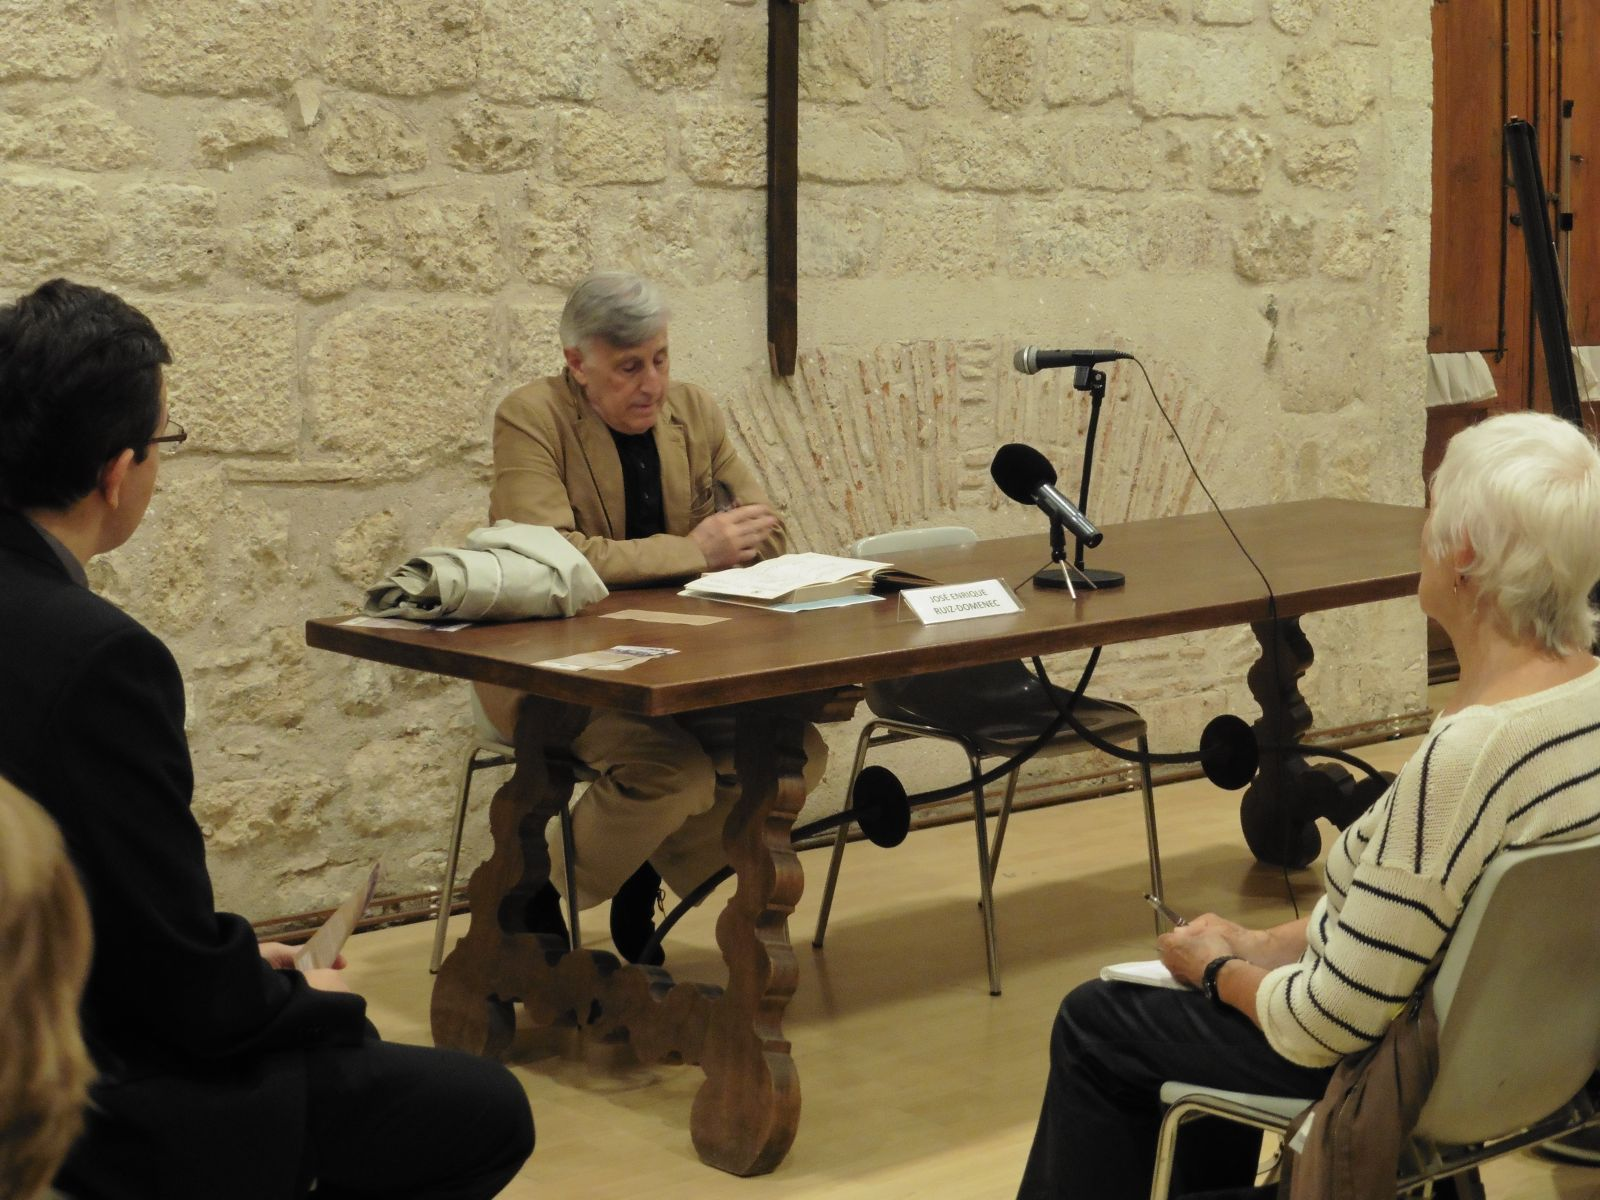 Curs d'història del Vallès.de l'edat mitjana a la moderna. Octubre 2018